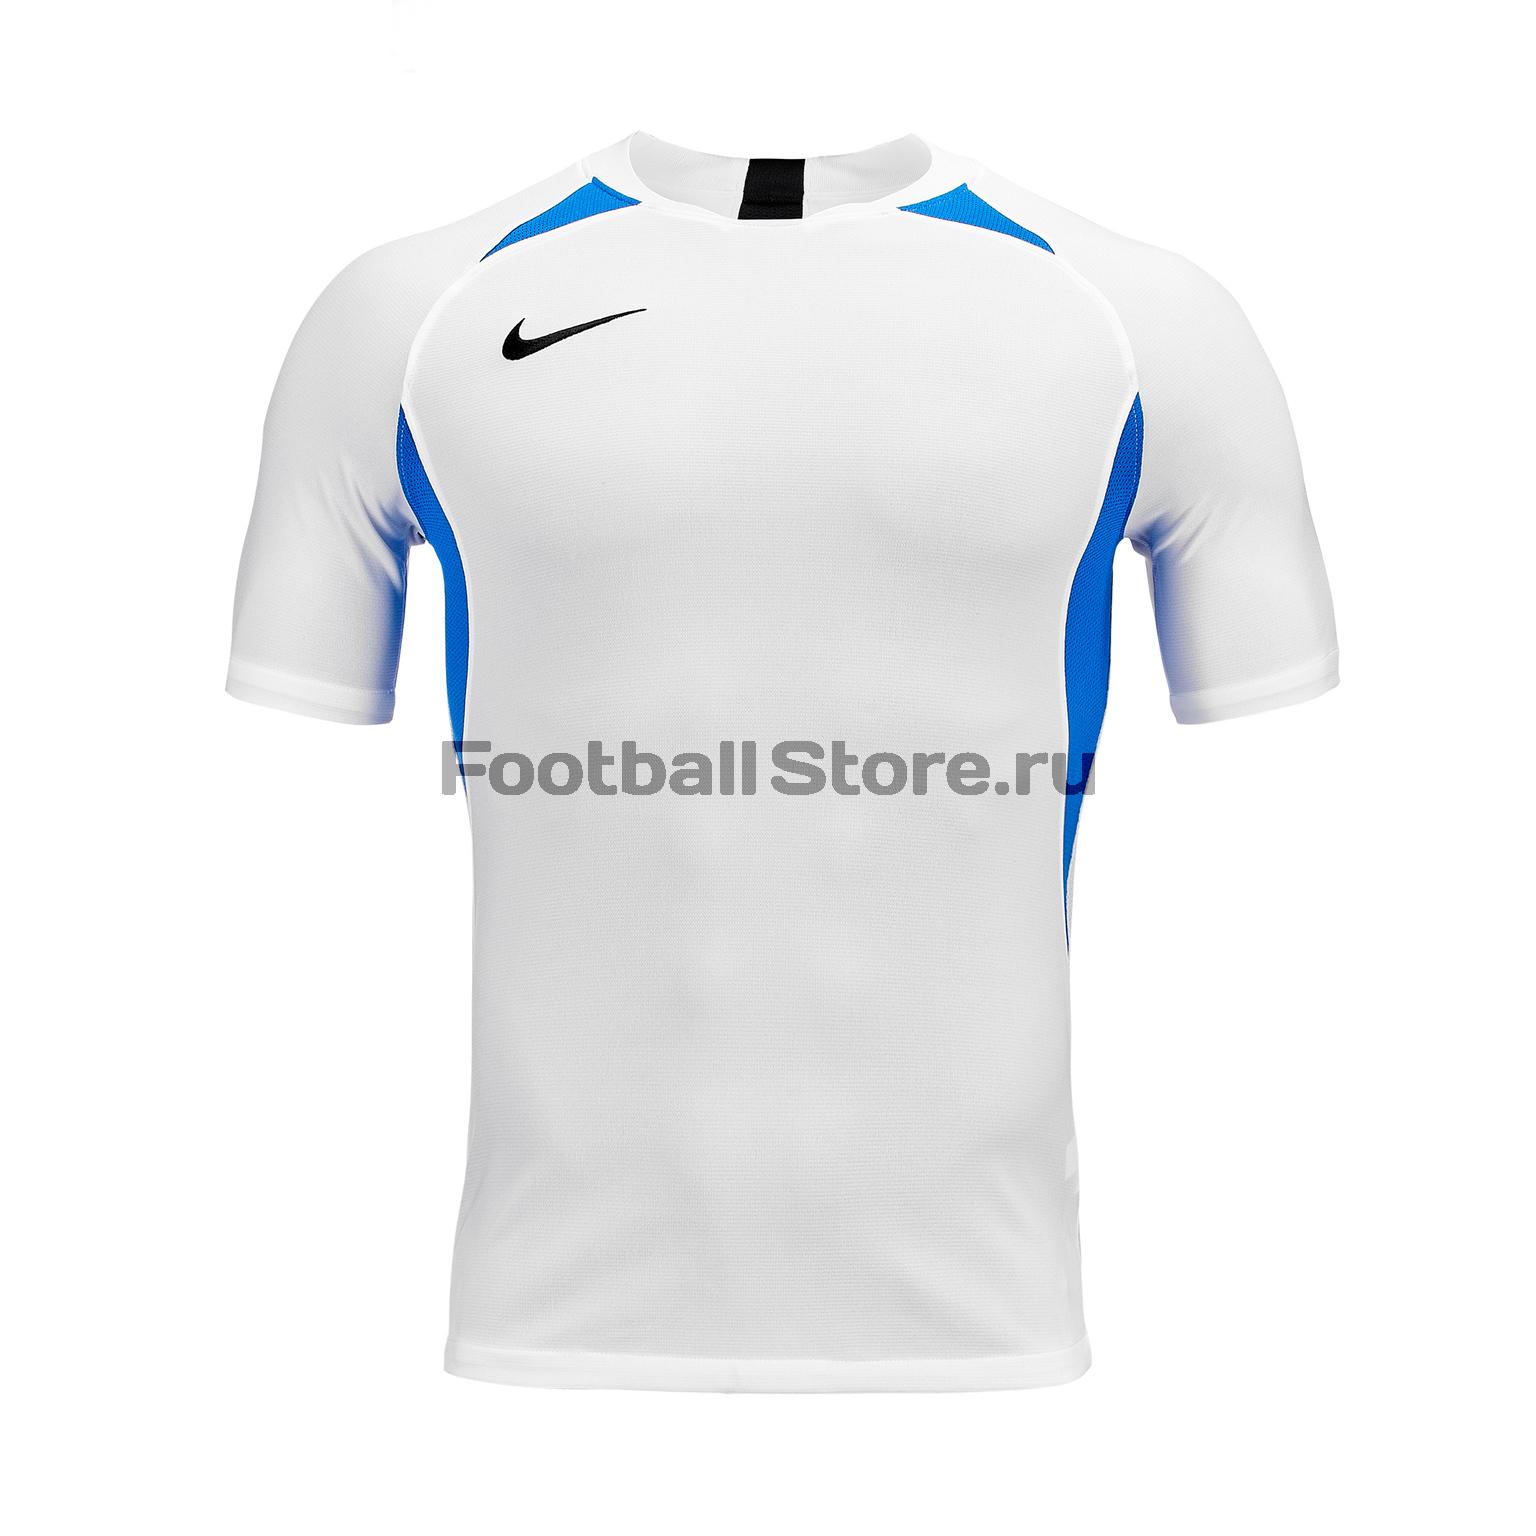 e25960b3362c4 Футболка игровая Nike Dry Legend JSY SS AJ0998-102 – купить в ...